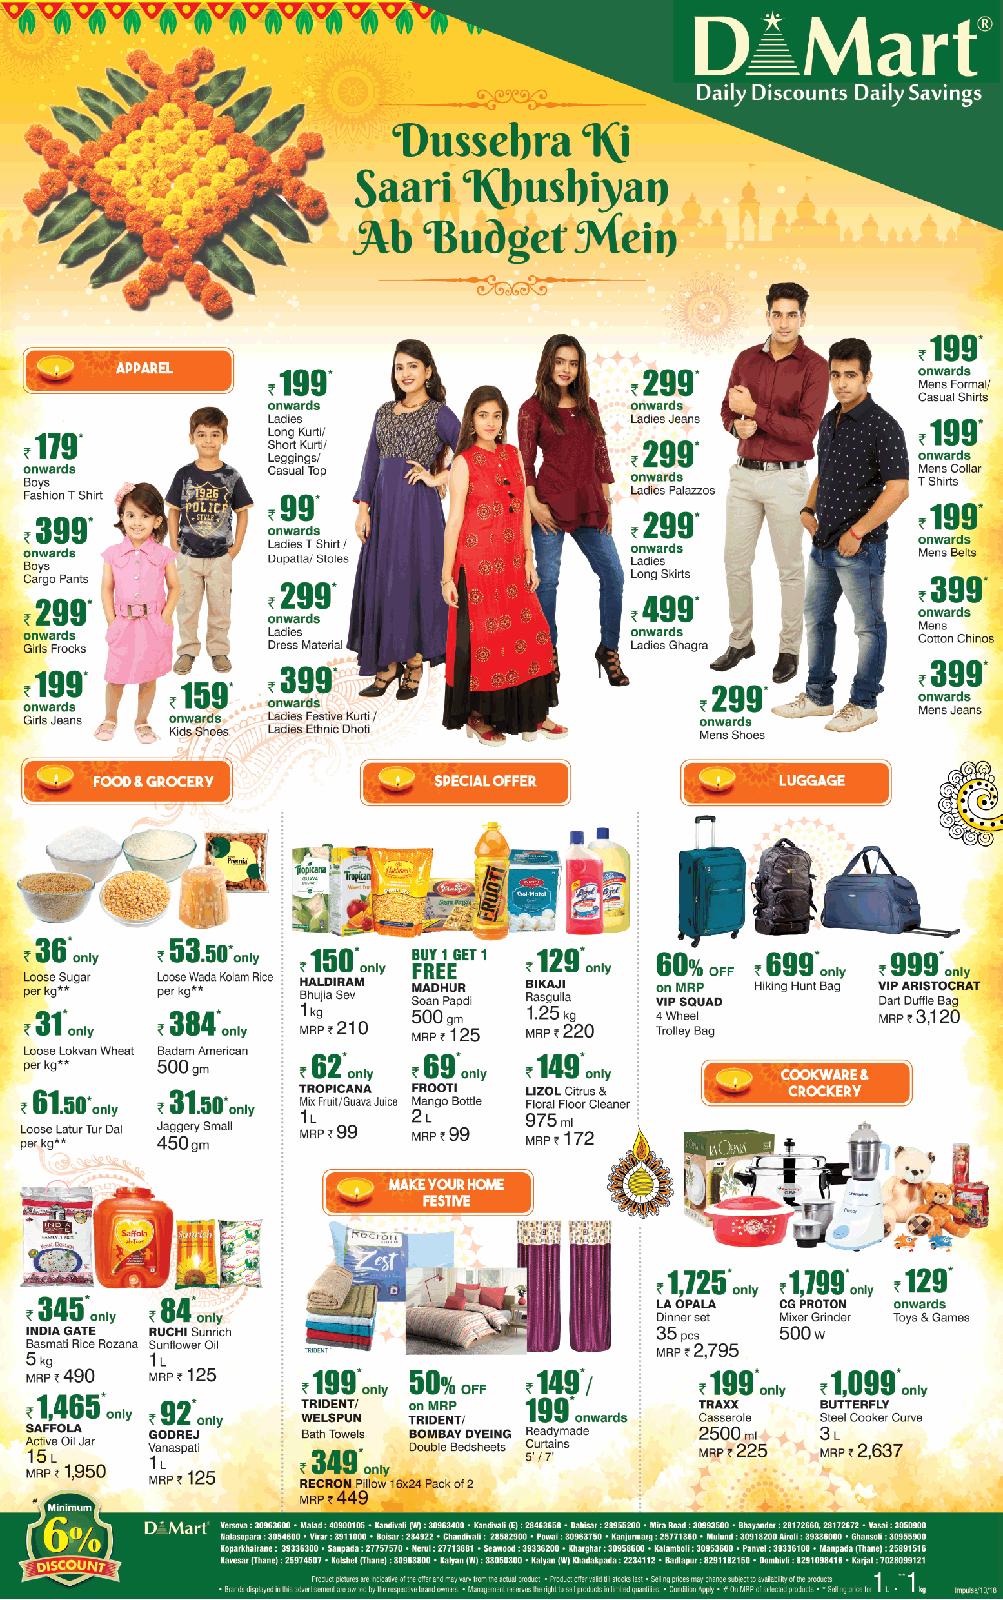 c10906ec2 D Mart Dussehra Ki Saari Khushiyan Ad - Advert Gallery